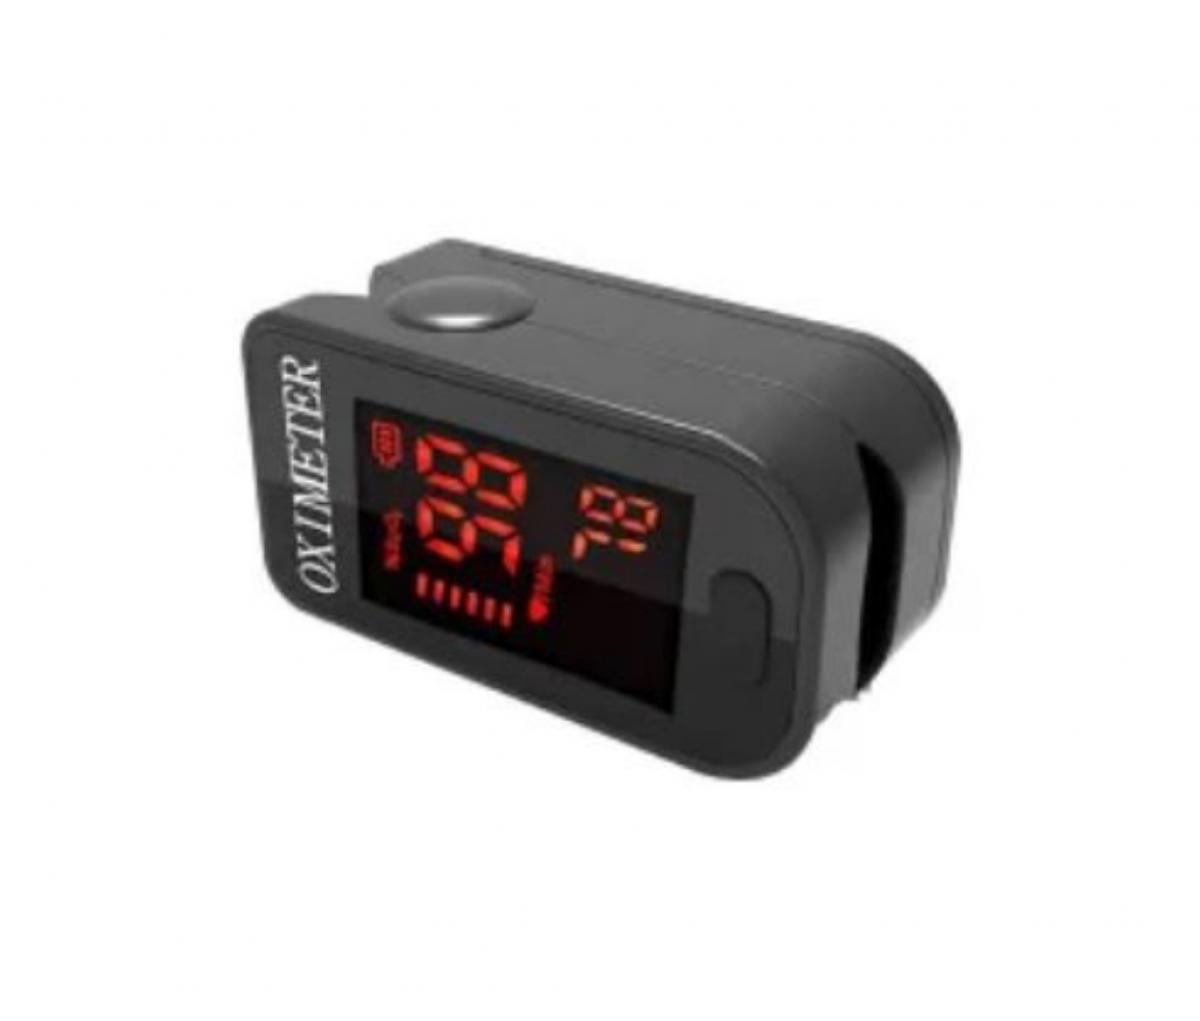 AccuSure Pro-F4 Pulse Oximeter